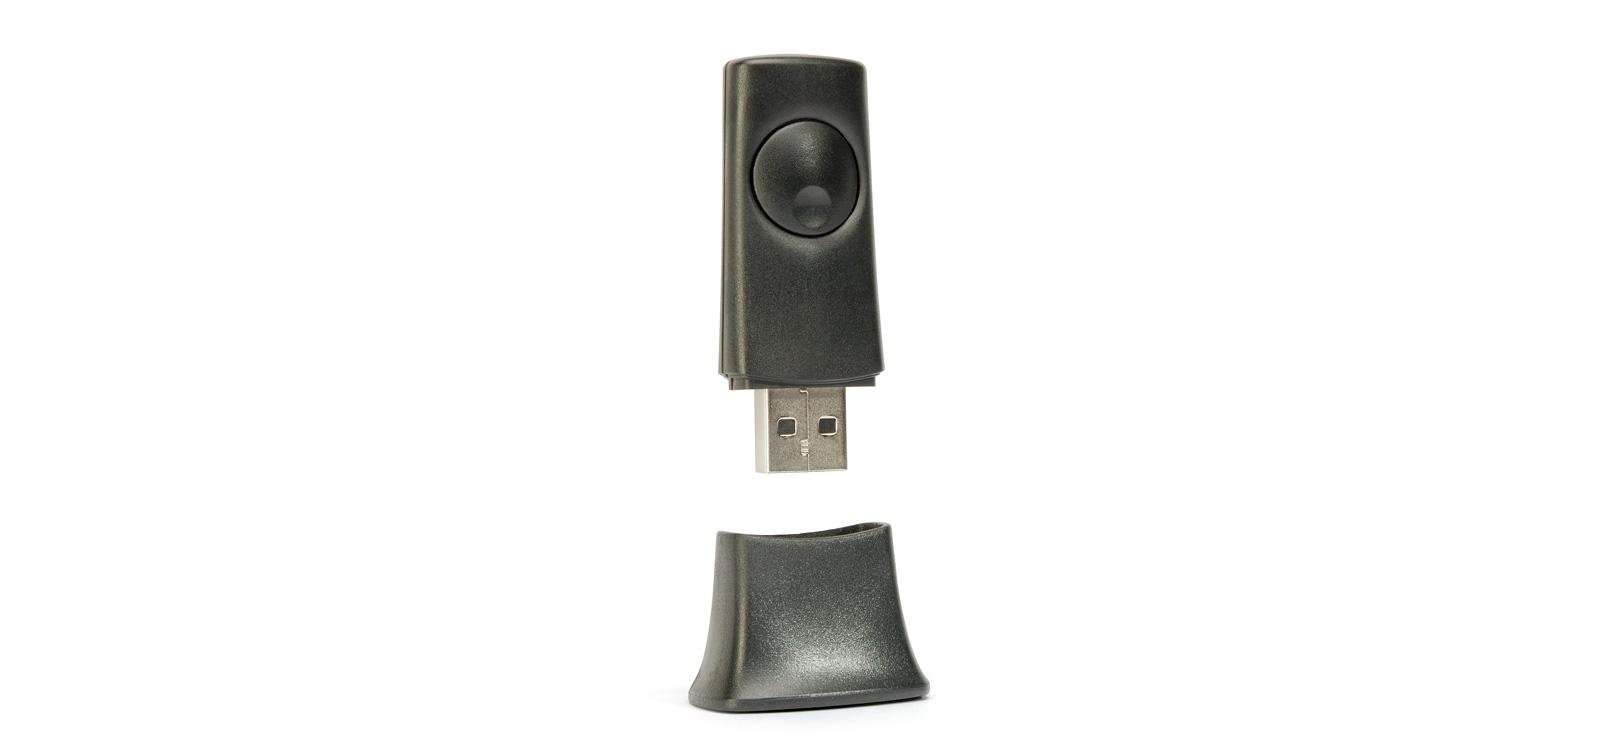 BT100 - Bluetooth Audio Receiver | Cambridge Audio